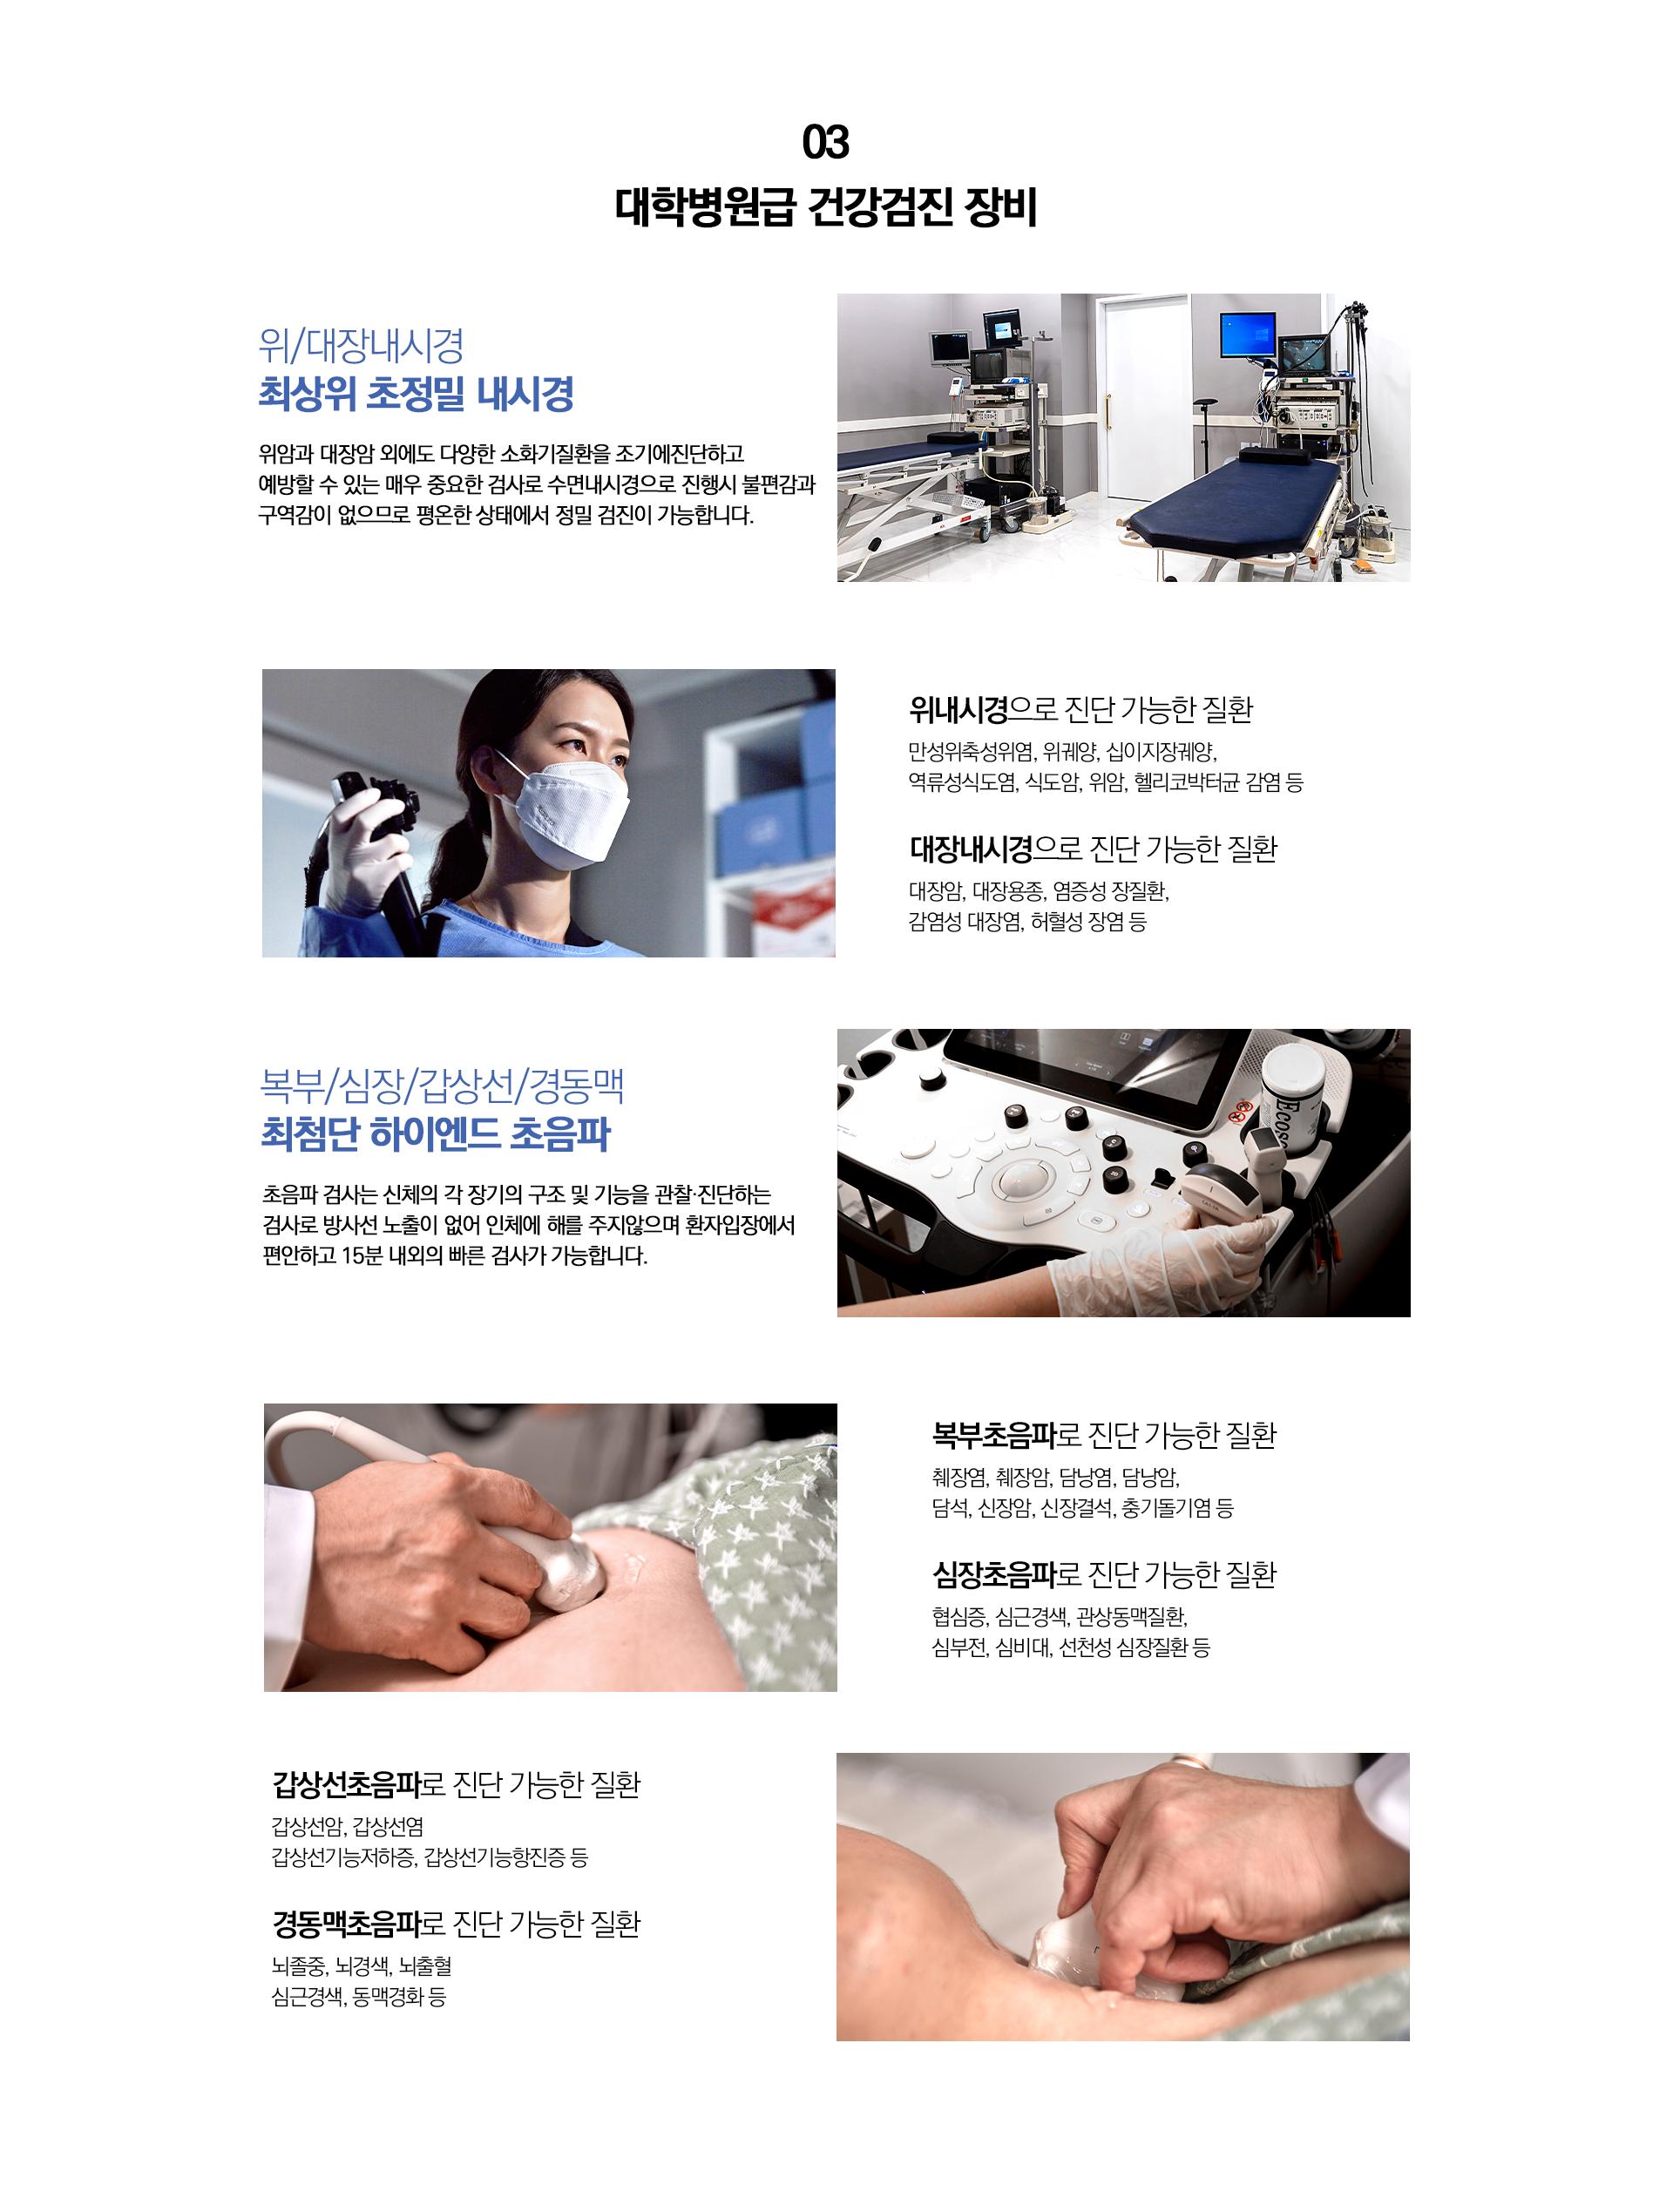 조현철 건강검진센터